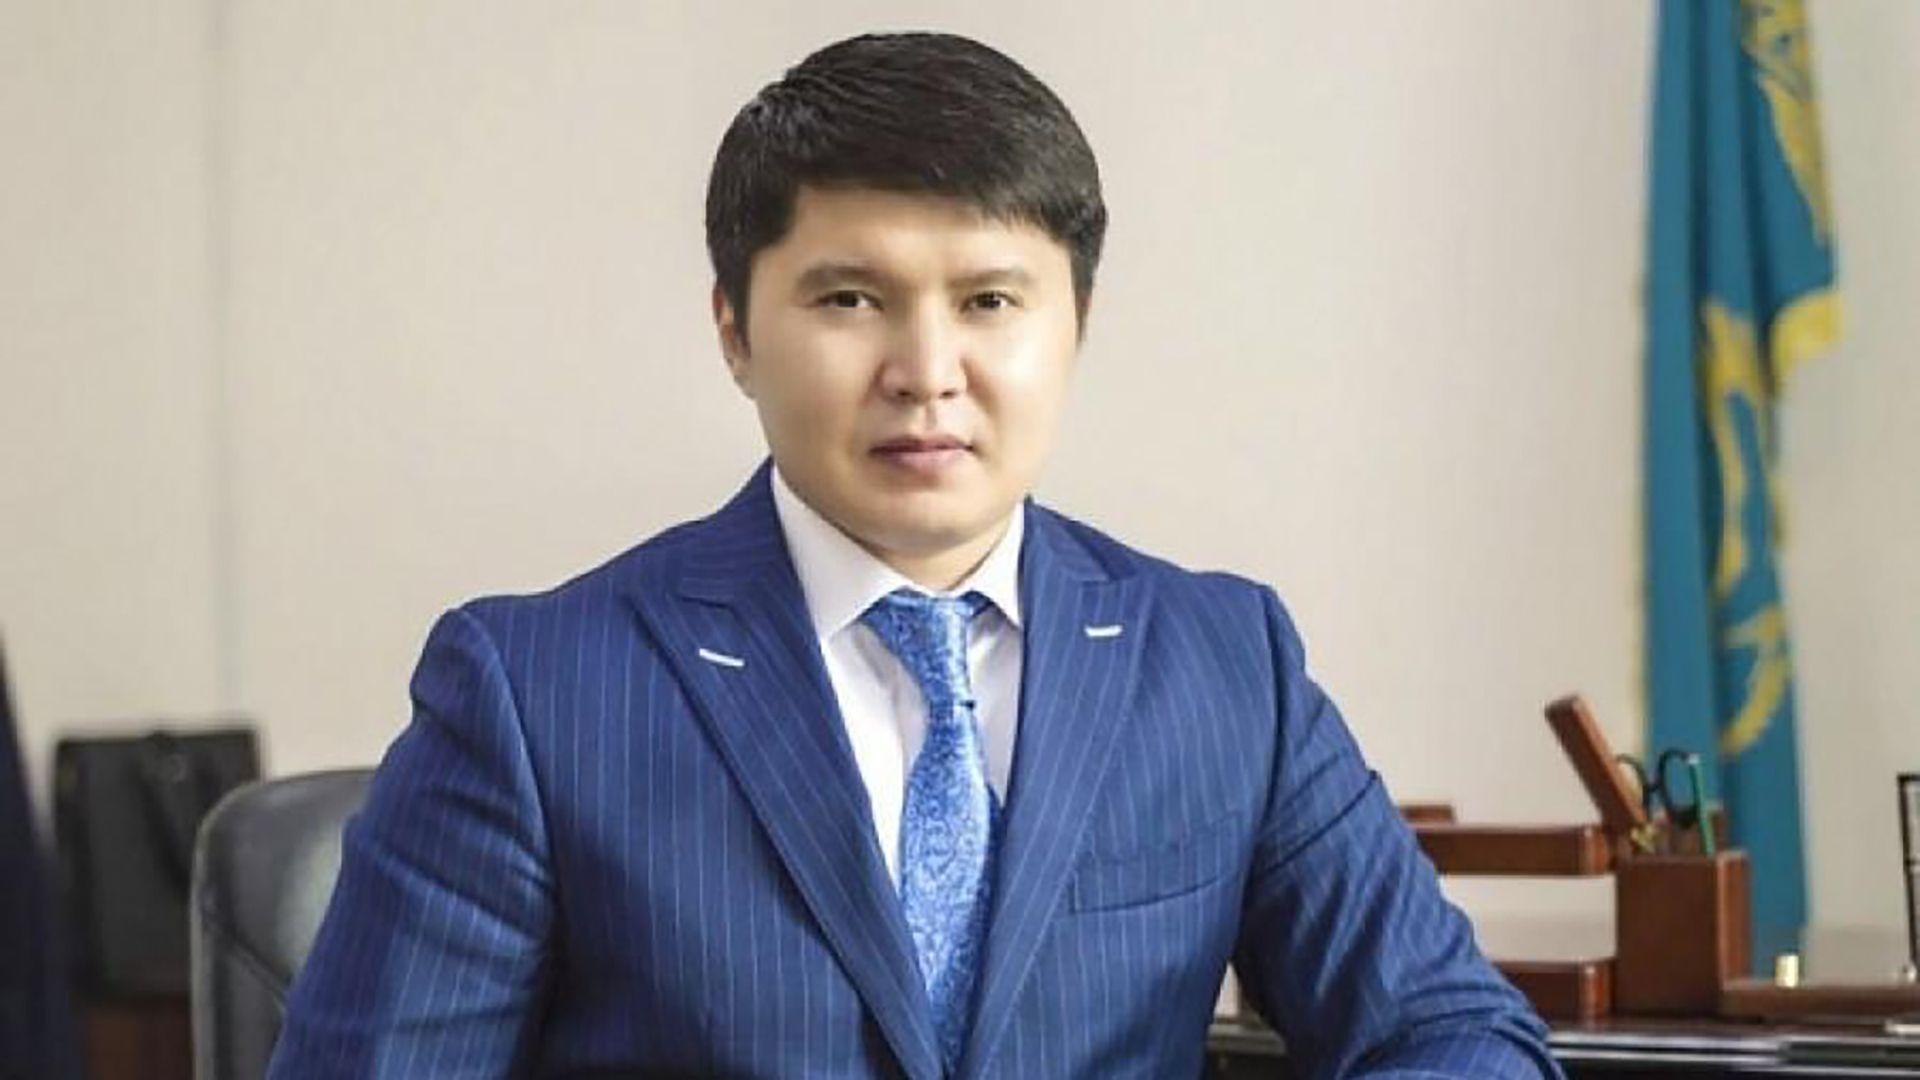 Данияр Есин возглавил институт развития «Рухани жаңғыру»- Kapital.kz